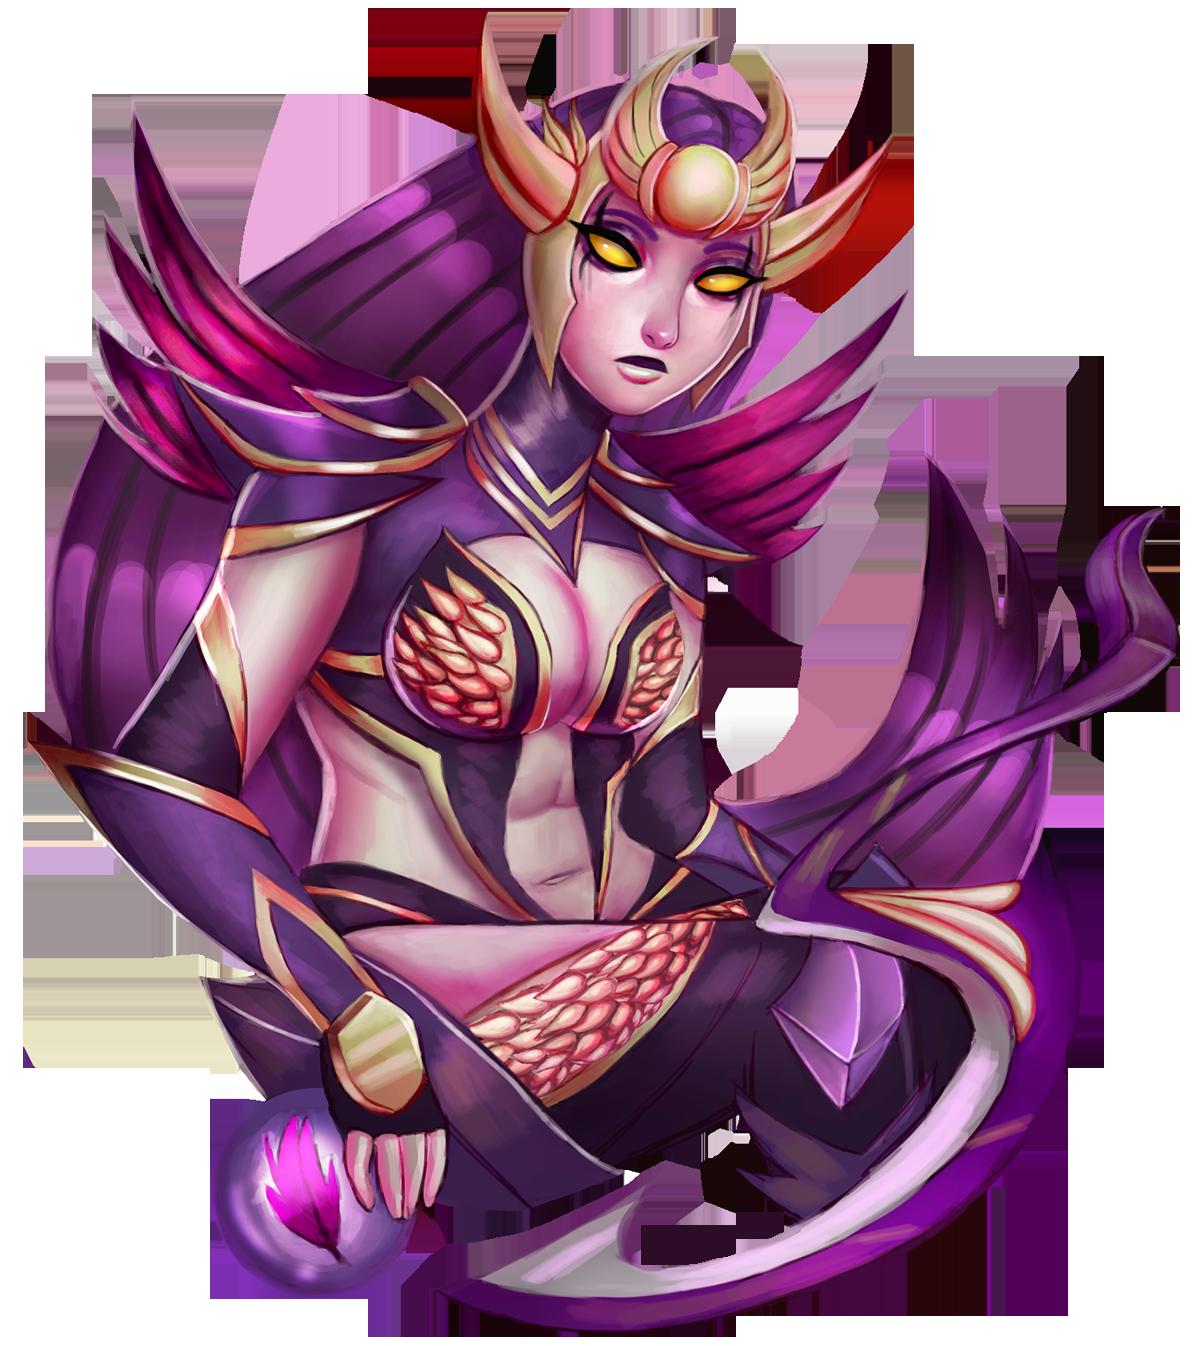 Dark Valkyrie Diana